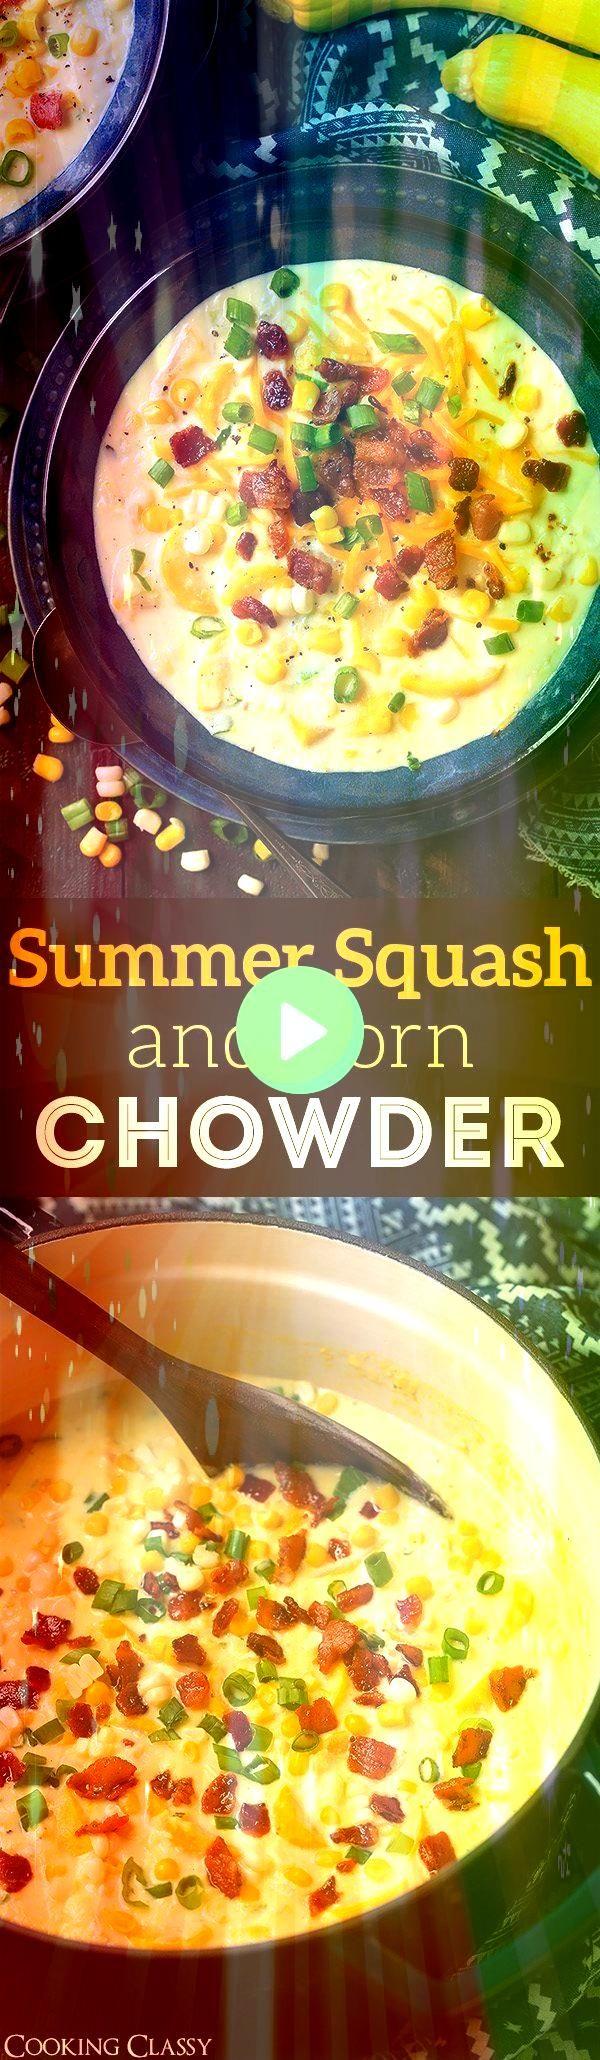 und Maissuppe  Eine köstliche Mischung aus sautierten Zucchini Kürbis  Sommerkürbis und Maissuppe  Eine köstliche Mischung aus sautierten Zucchini K&u...